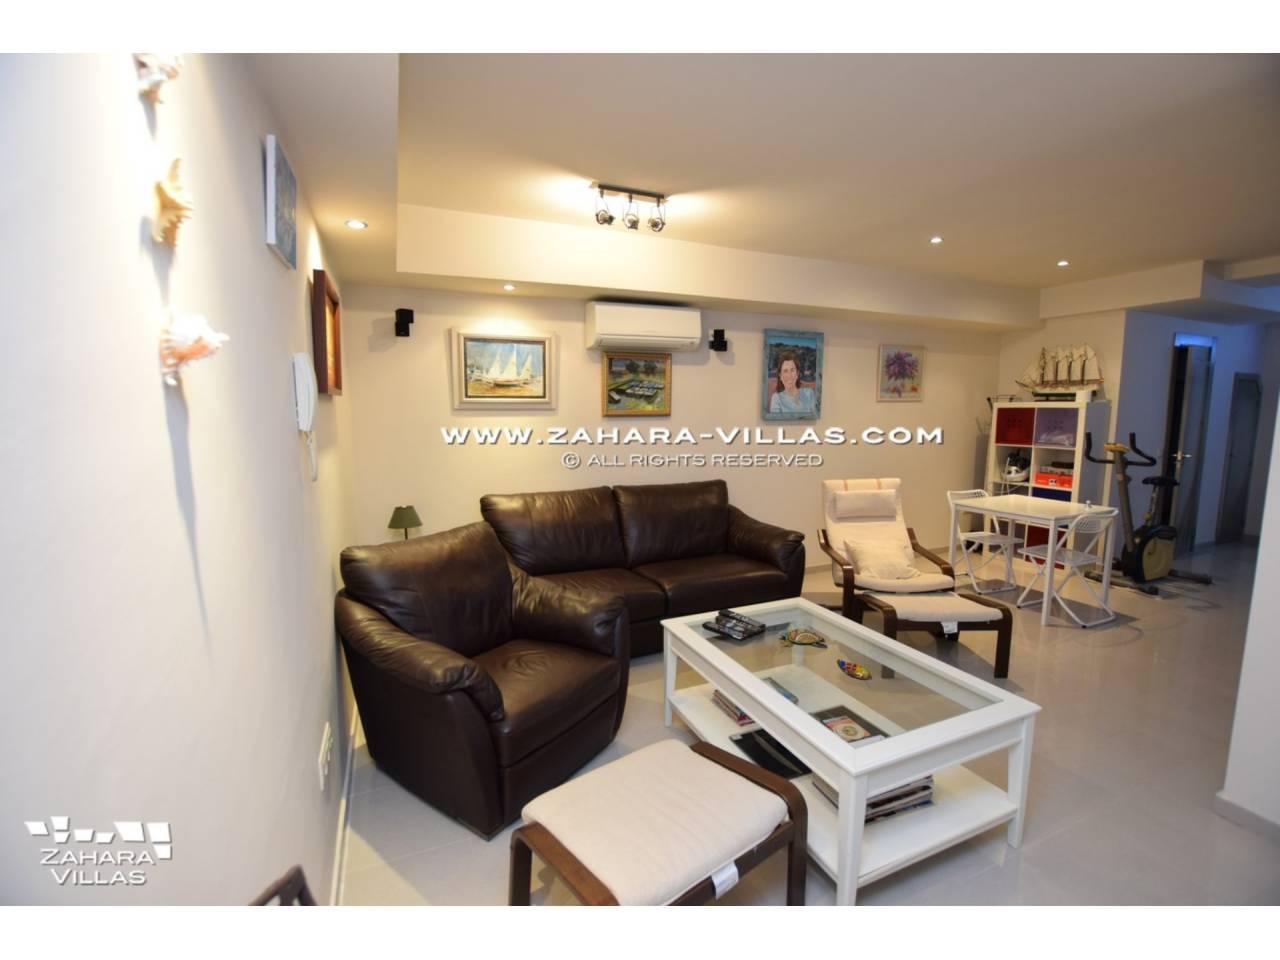 Imagen 33 de House for sale in Zahara de los Atunes